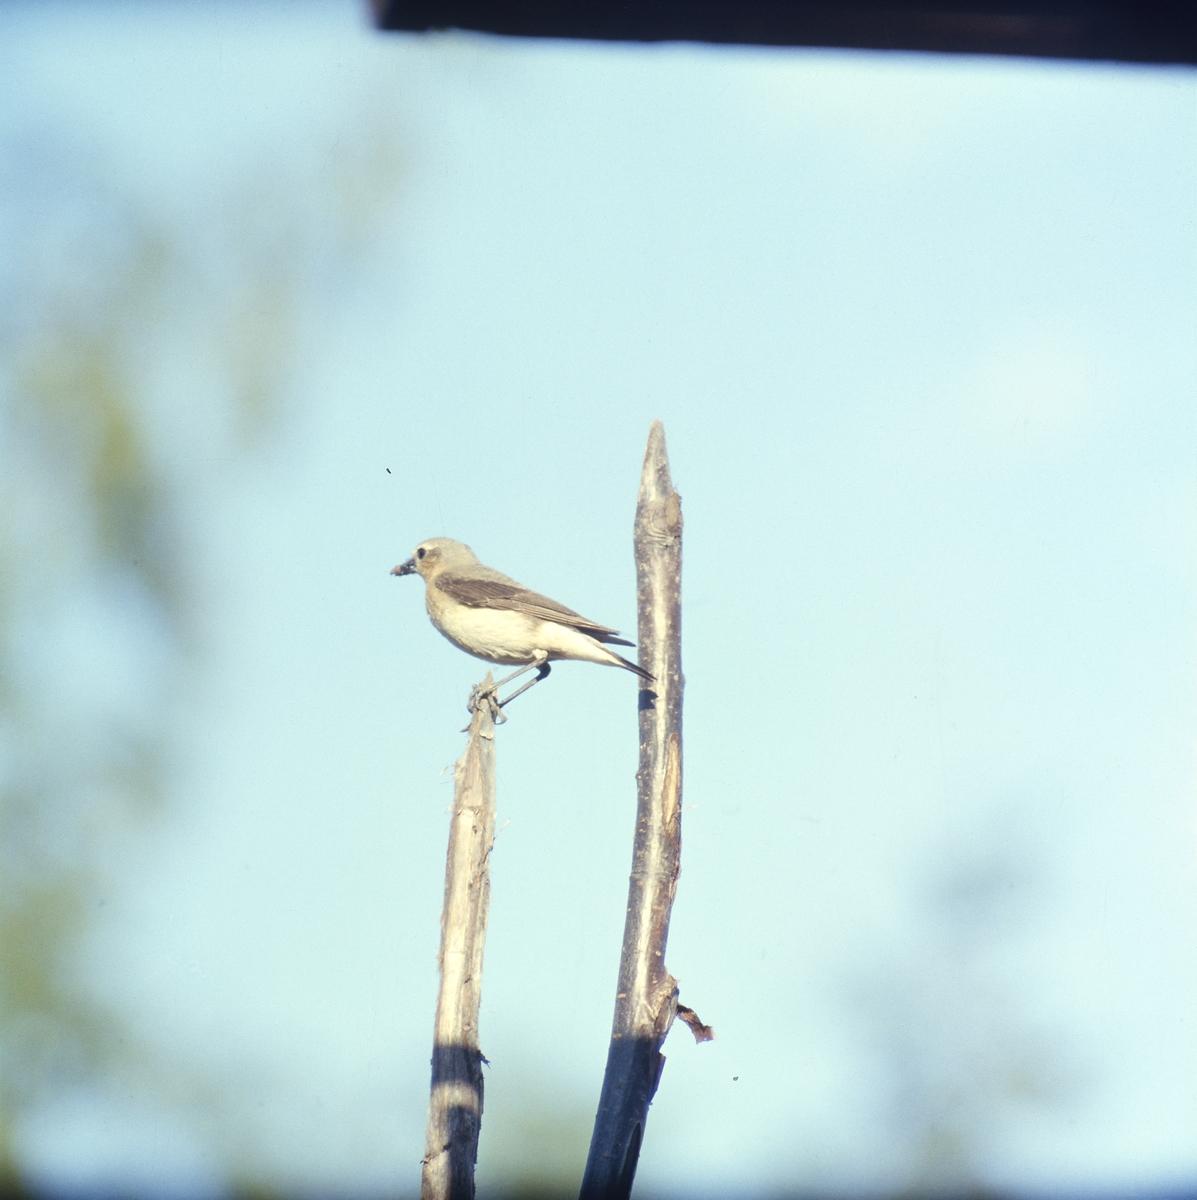 En fågel sitter i toppen av en gärdesgårdsstör.